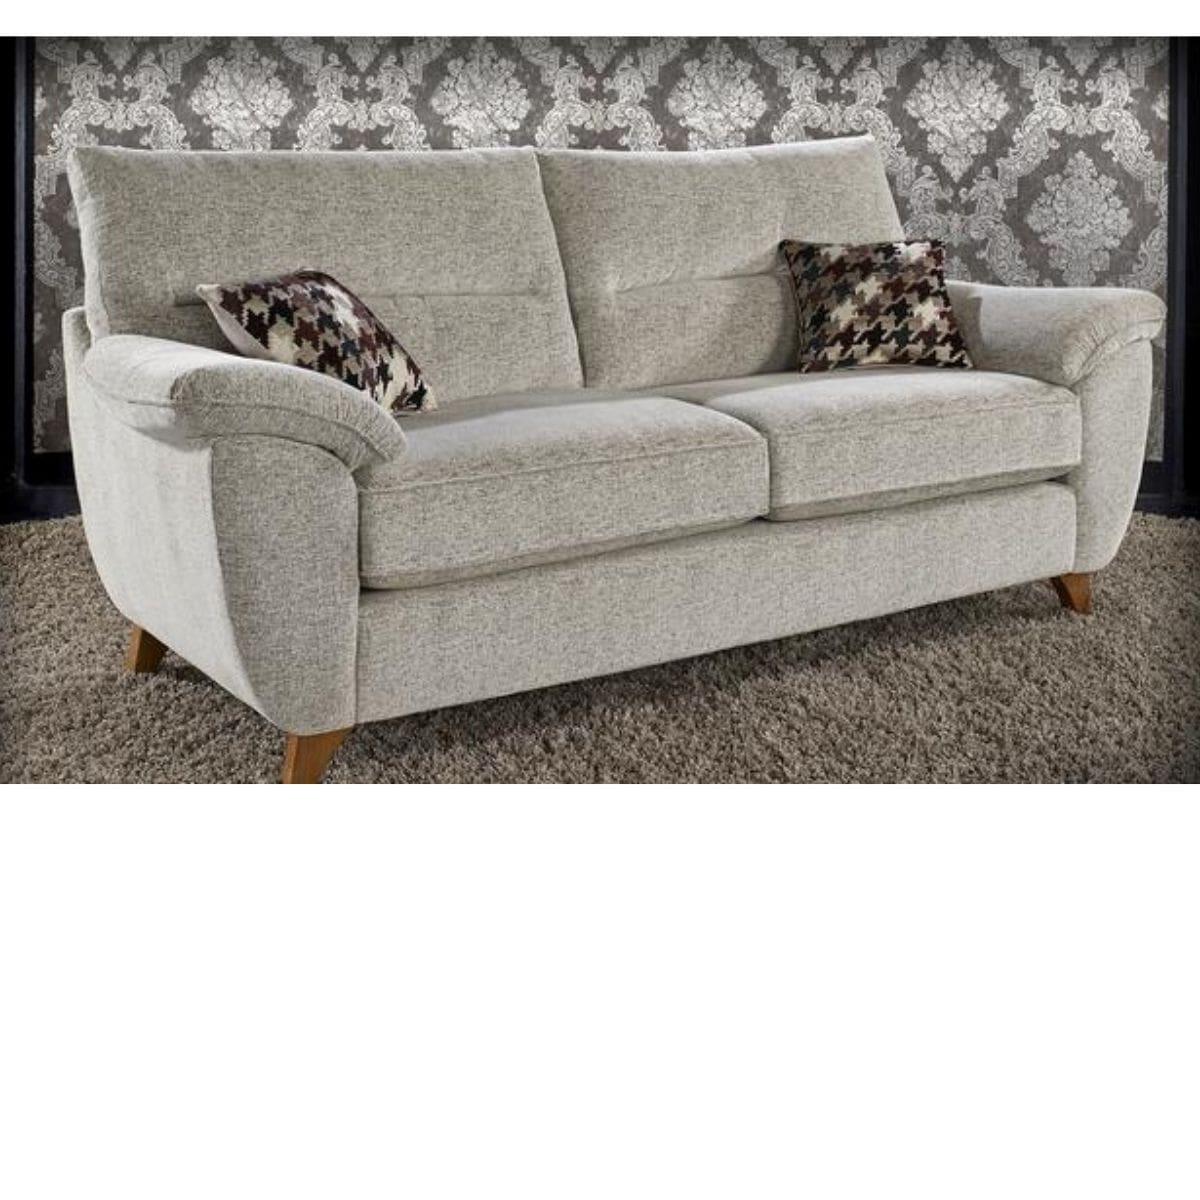 Bali 3 Seater Fabric Sofa